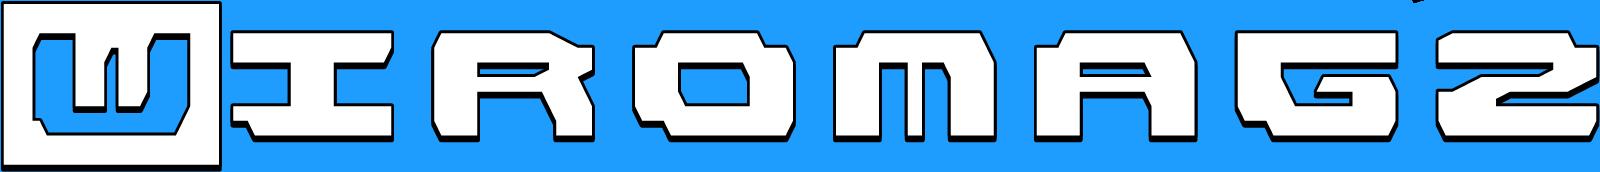 Wiromagz